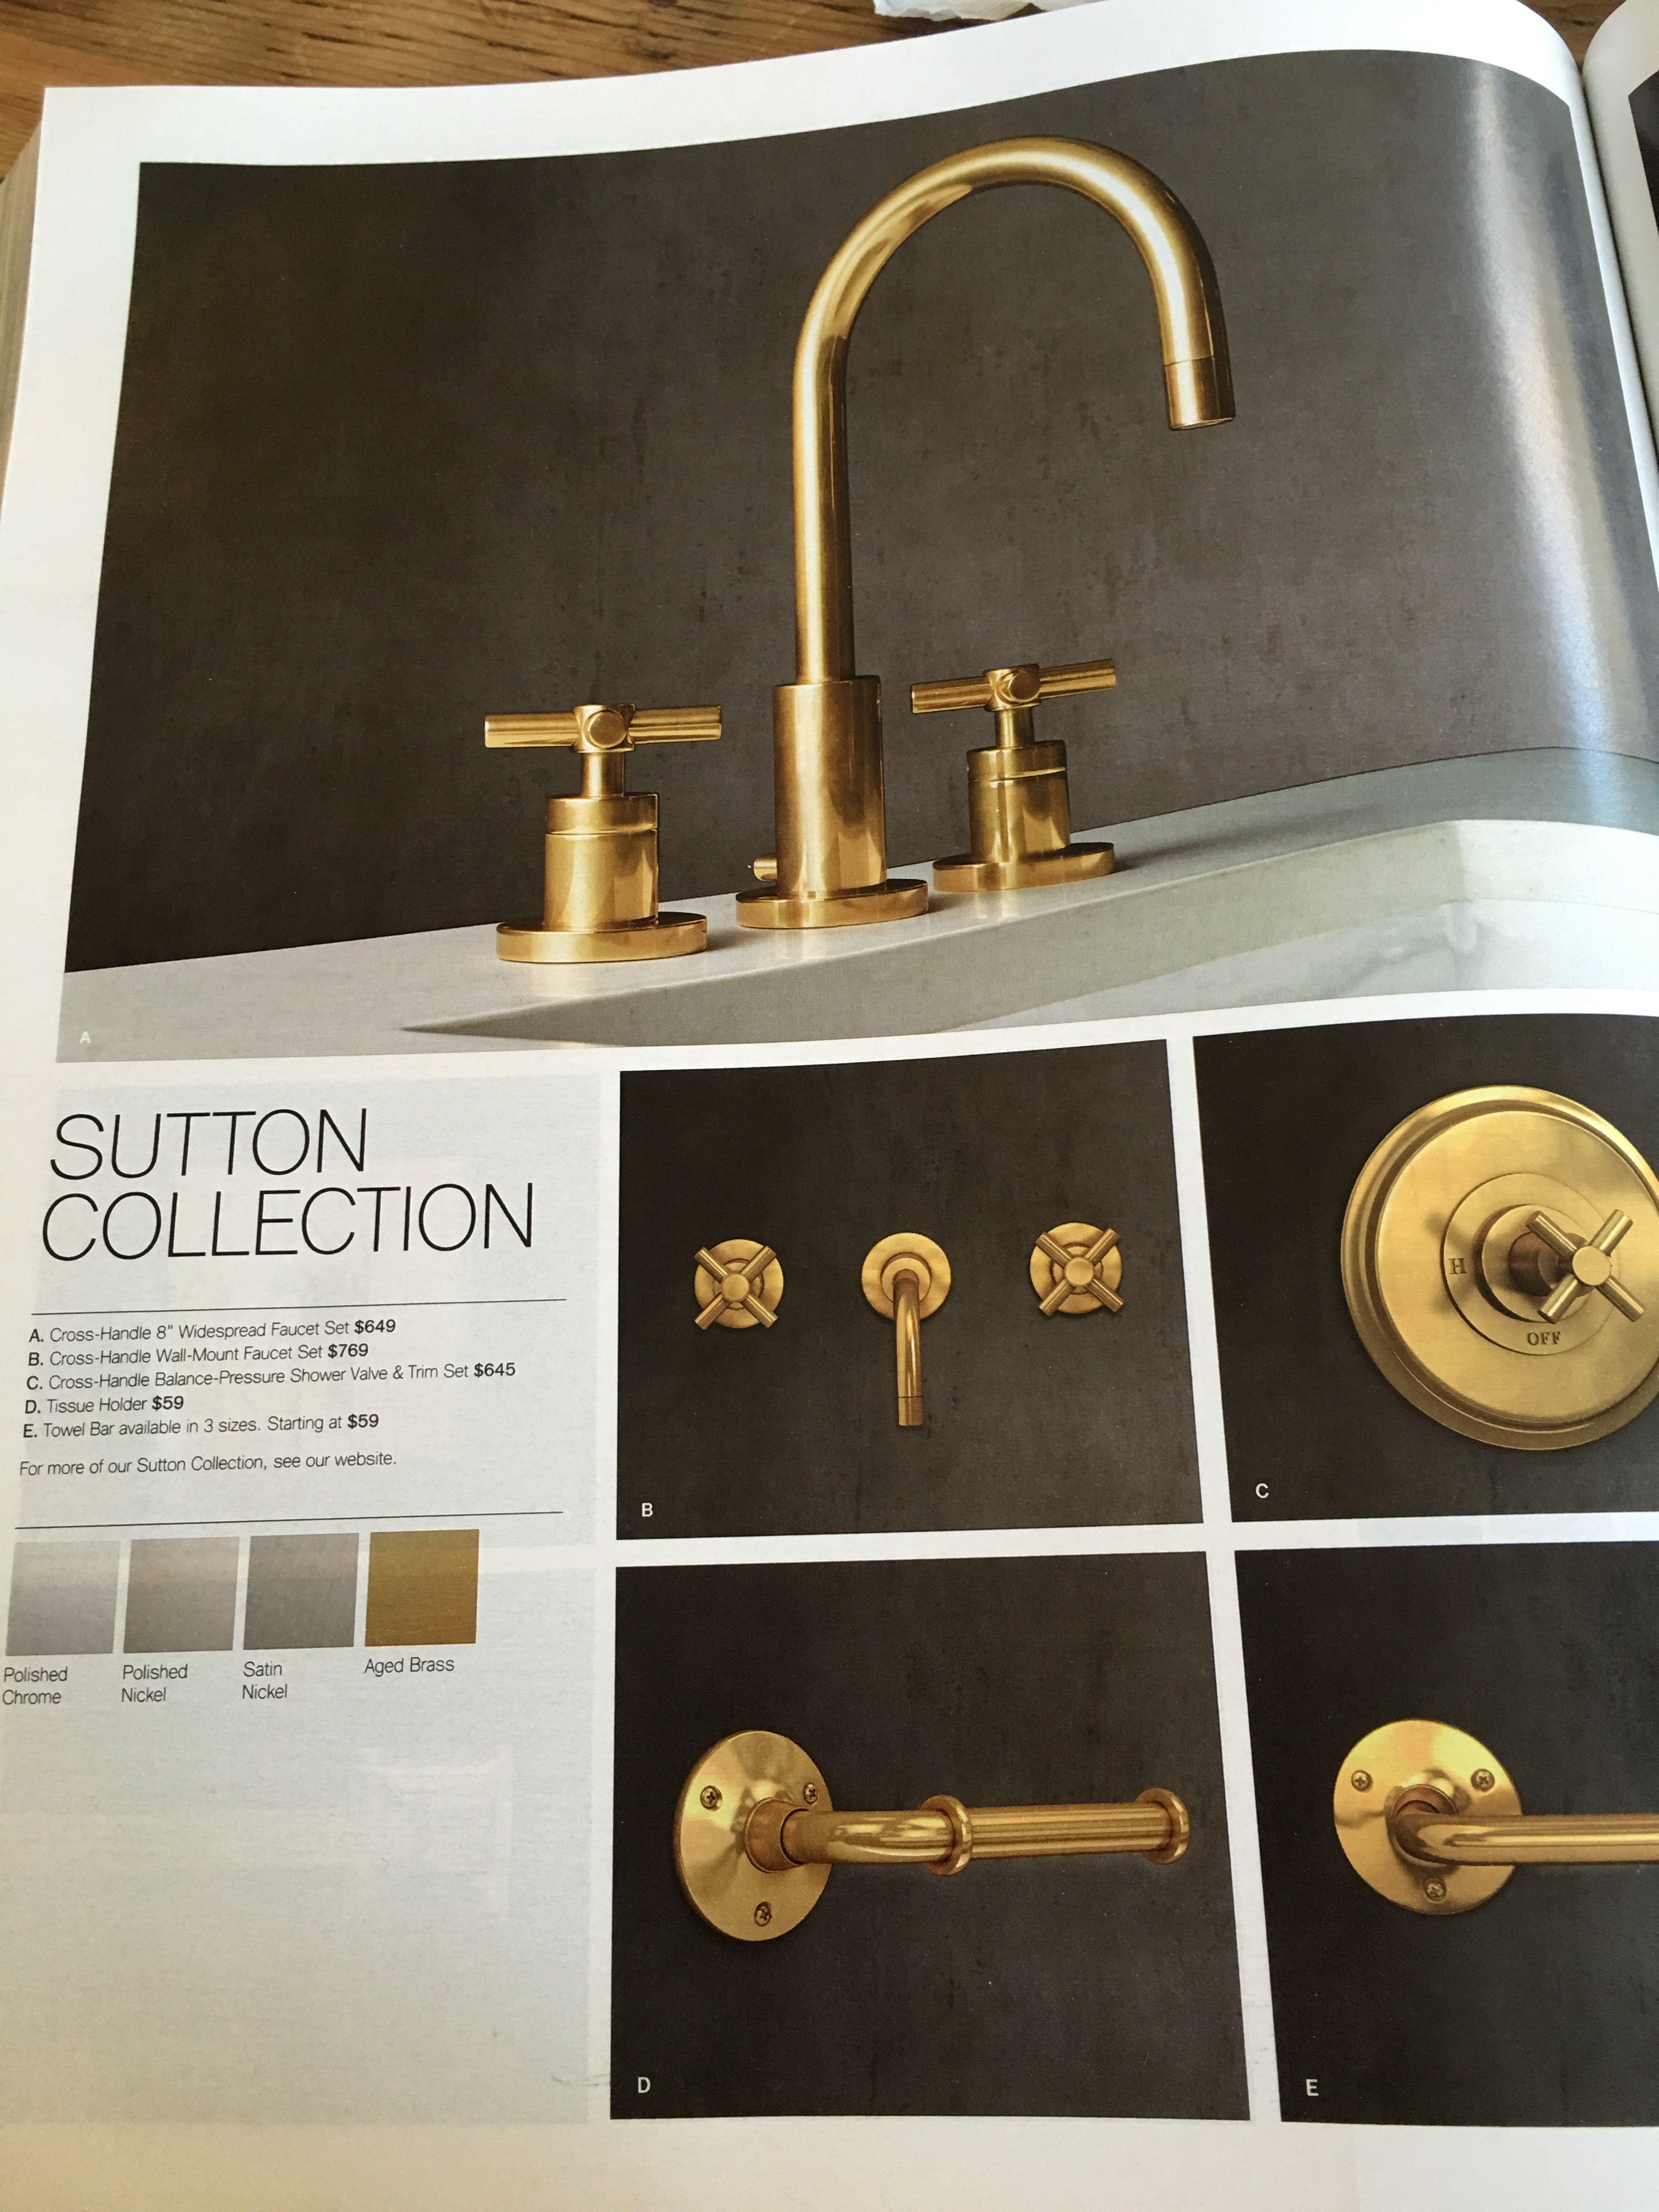 Restoration Hardware Sutton Collection Aged Brass Brass Bathroom Accessories Modern Bathroom Accessories Bathroom Accessories Luxury [ 4032 x 3024 Pixel ]